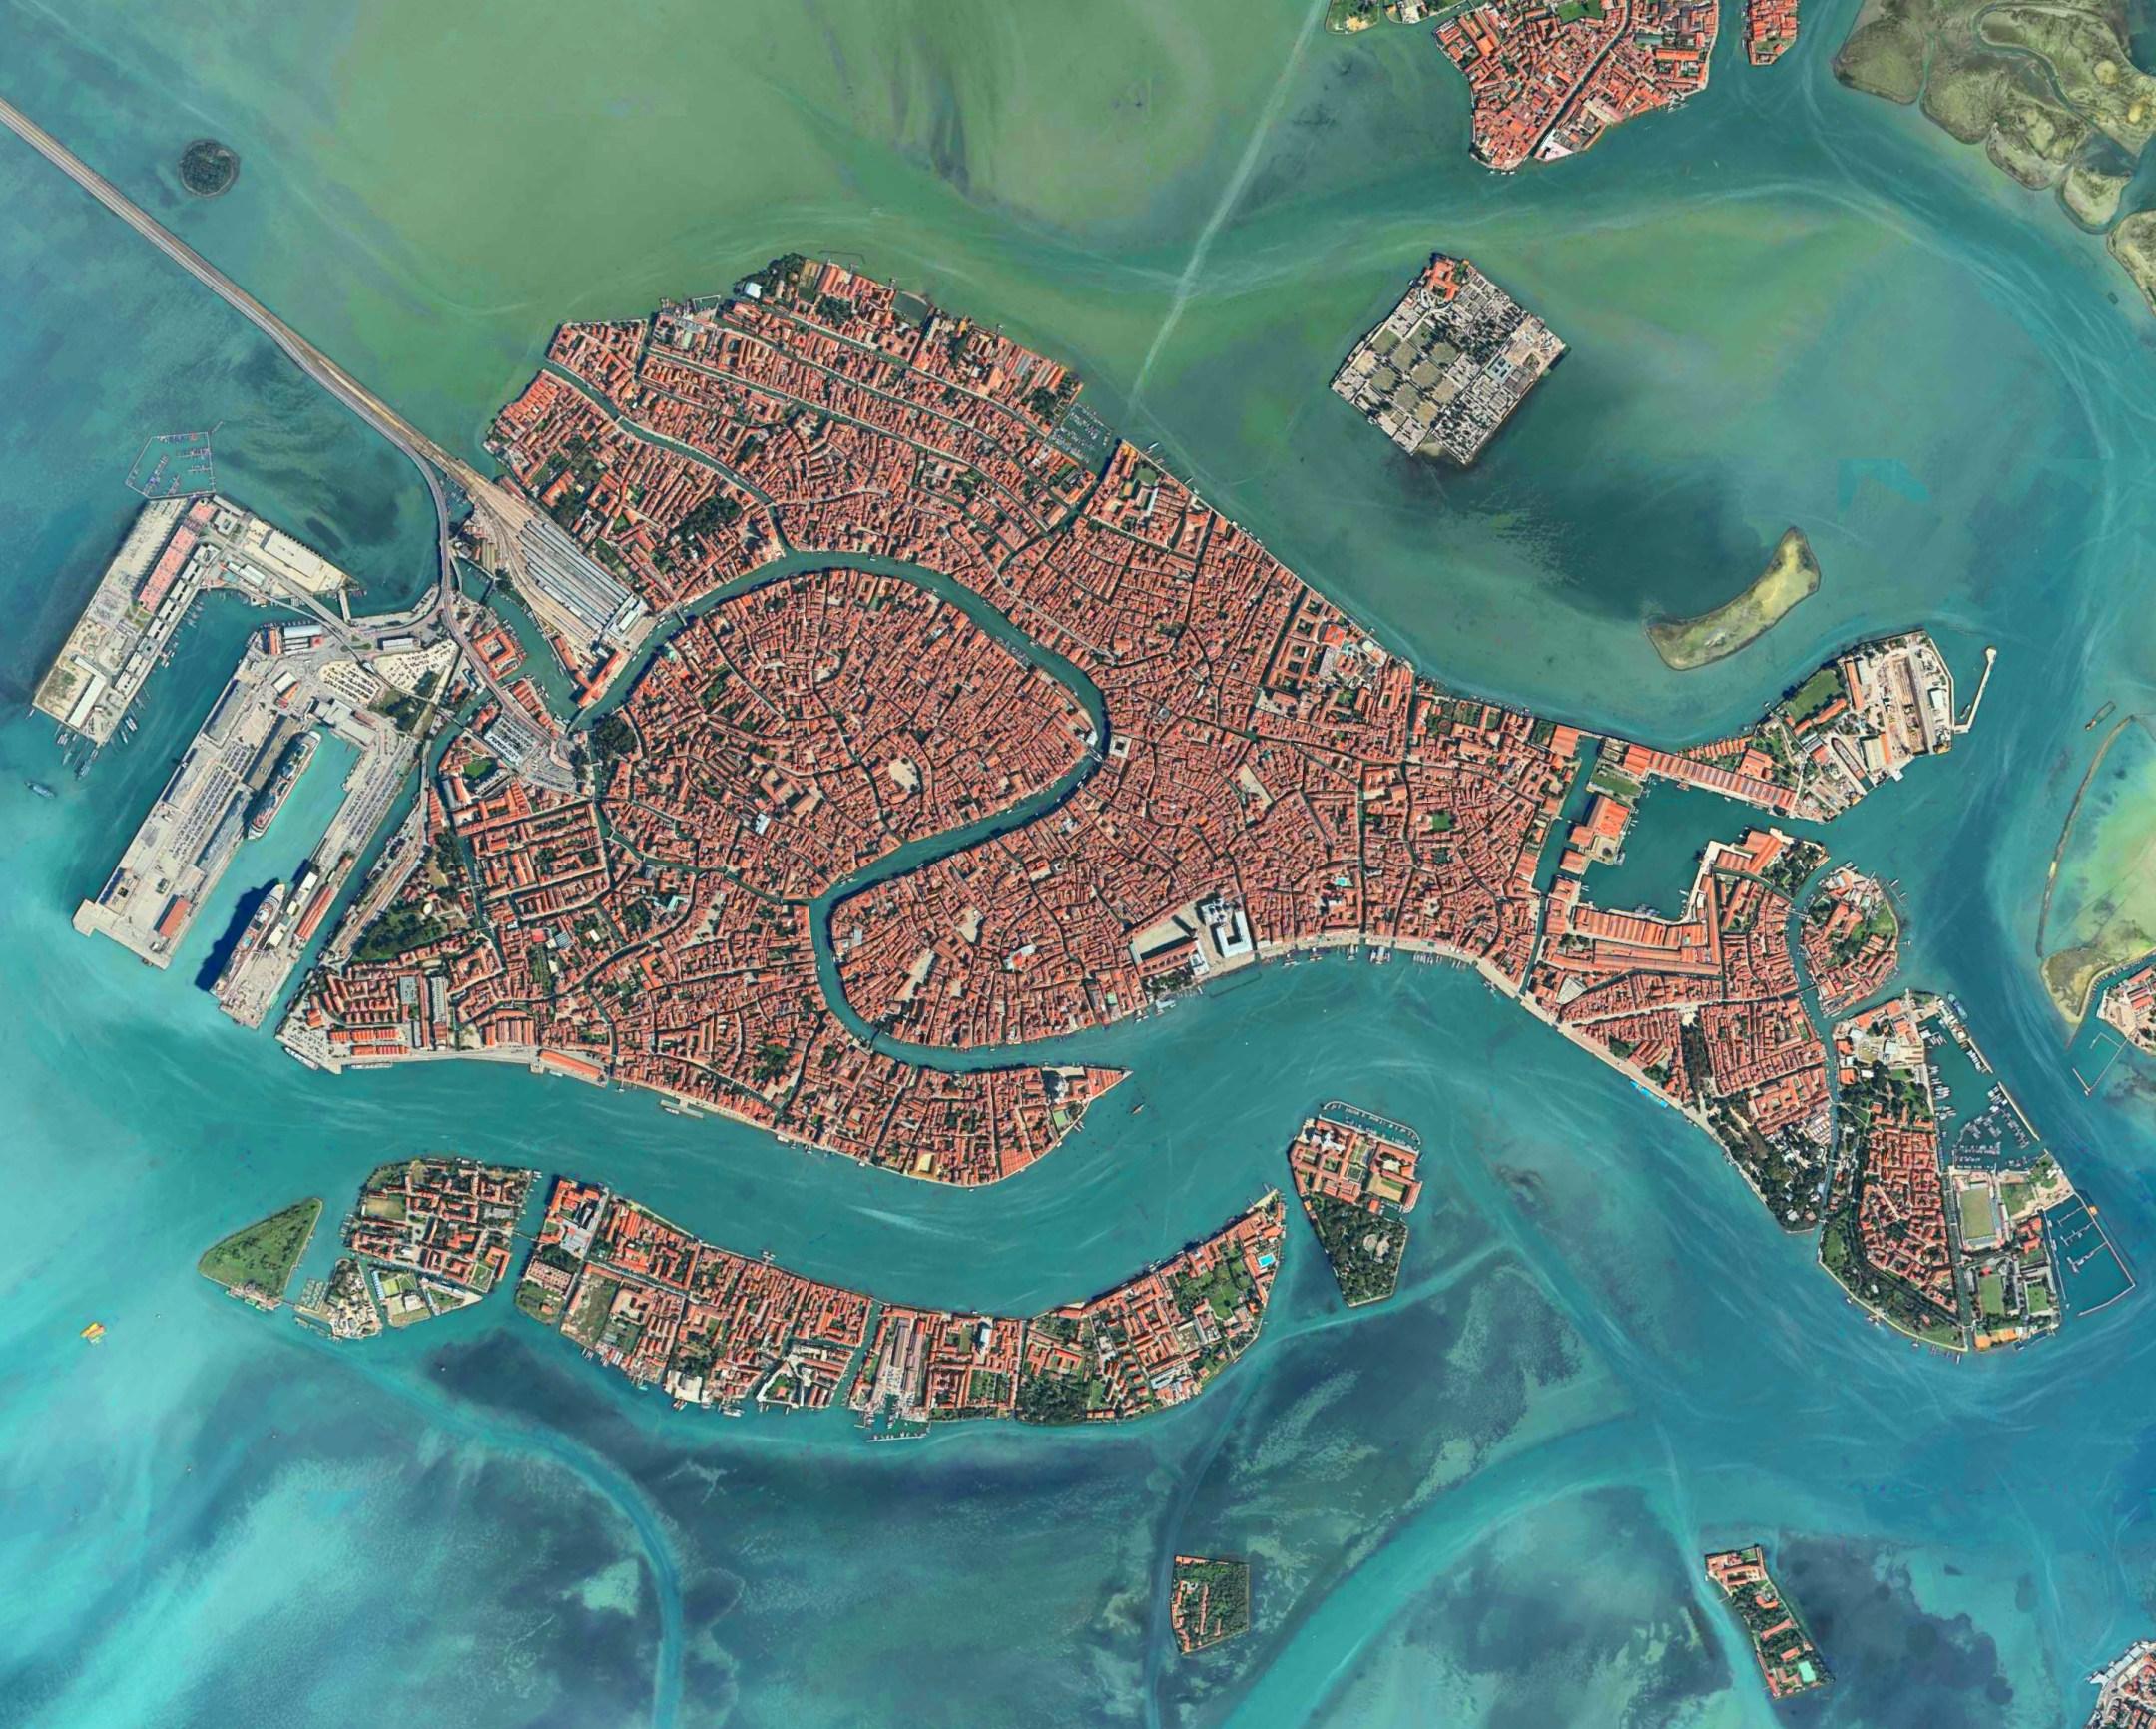 There are 6 boroughs in the city of Venice:Cannaregio,Castello, Dorsoduro, San Marco, San Polo, Santa Croce.